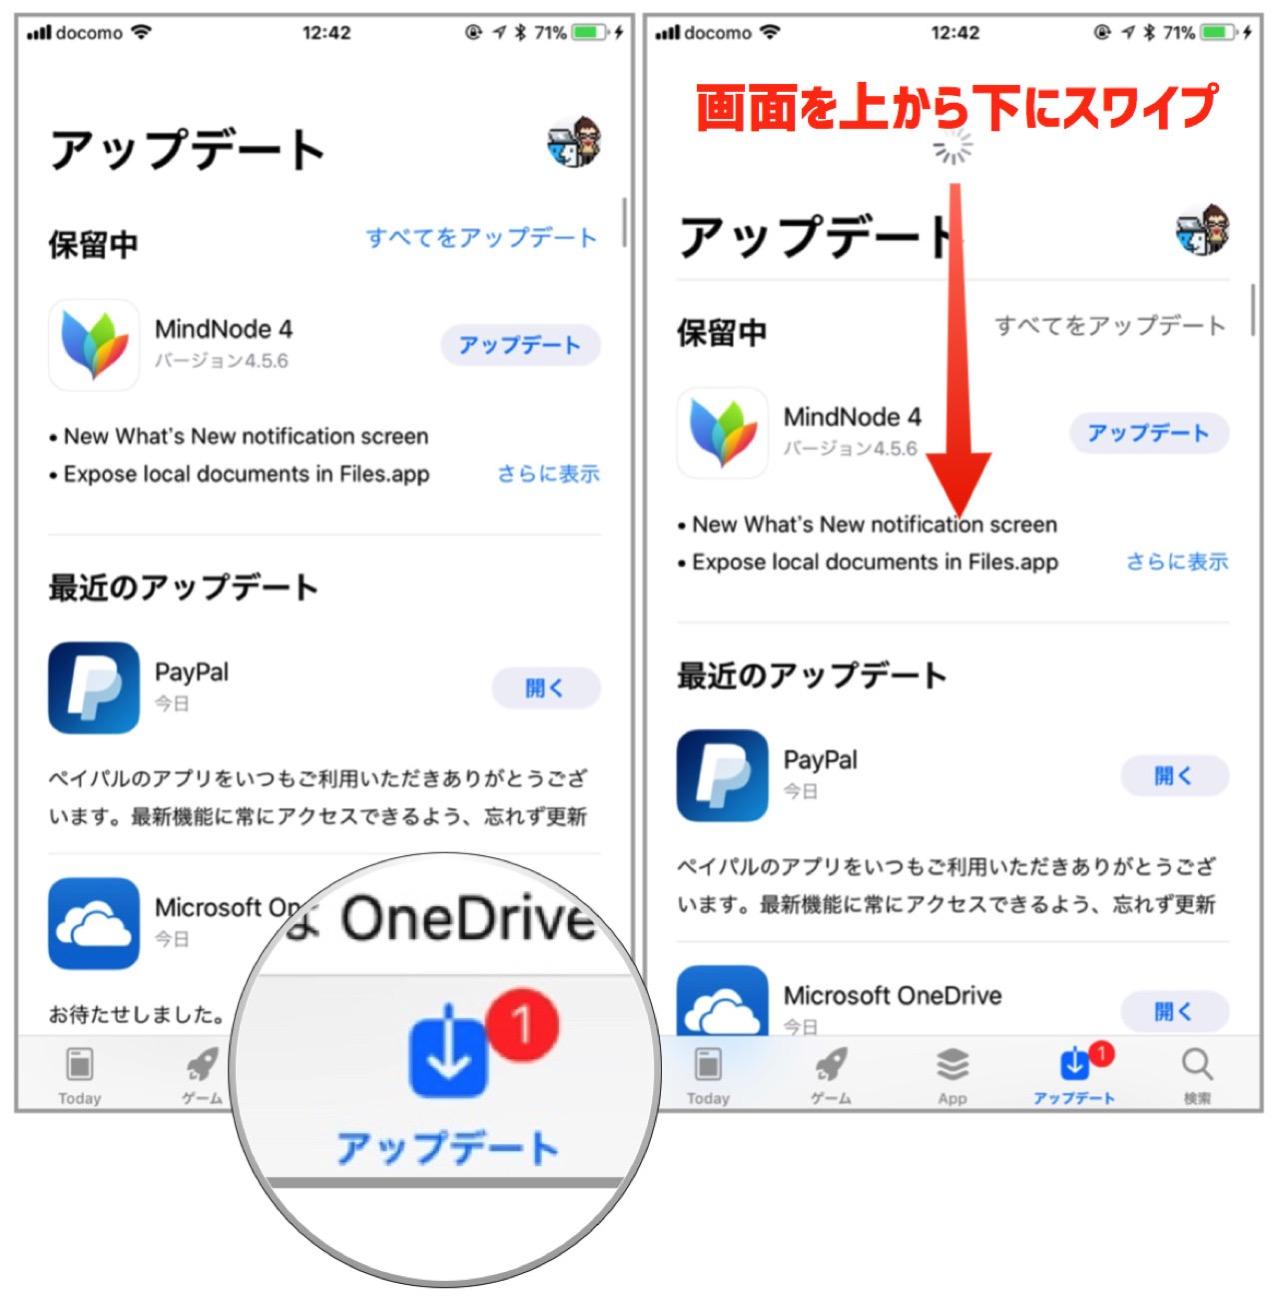 App Store の画面を上から下にスワイプ